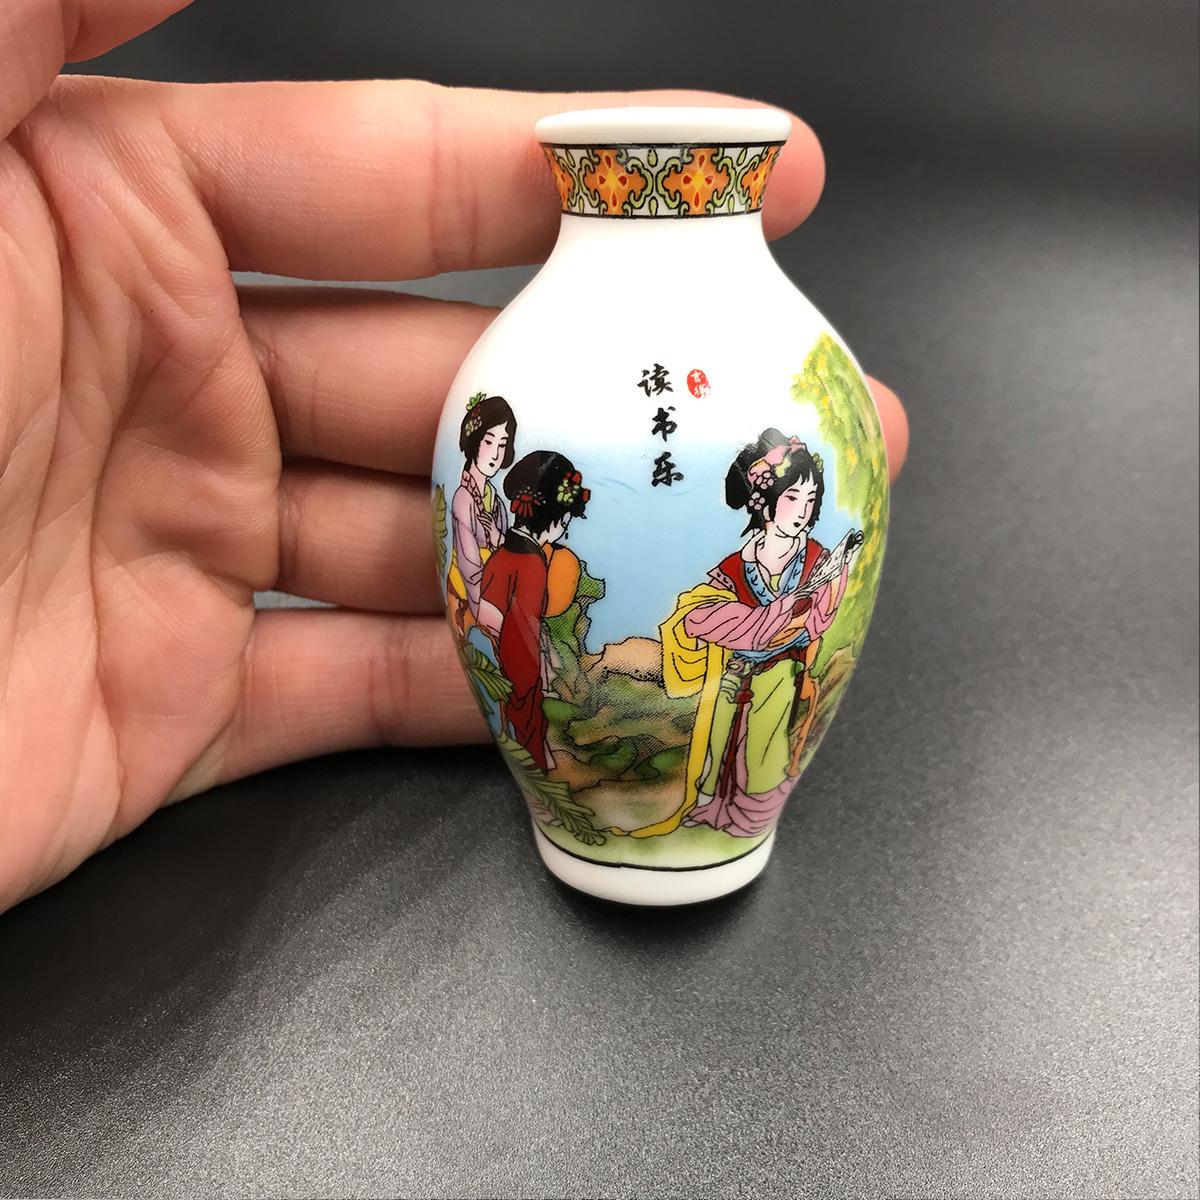 中国风陶瓷青花瓷花瓶冰箱贴纪念品家居饰品商务送老外礼品磁铁